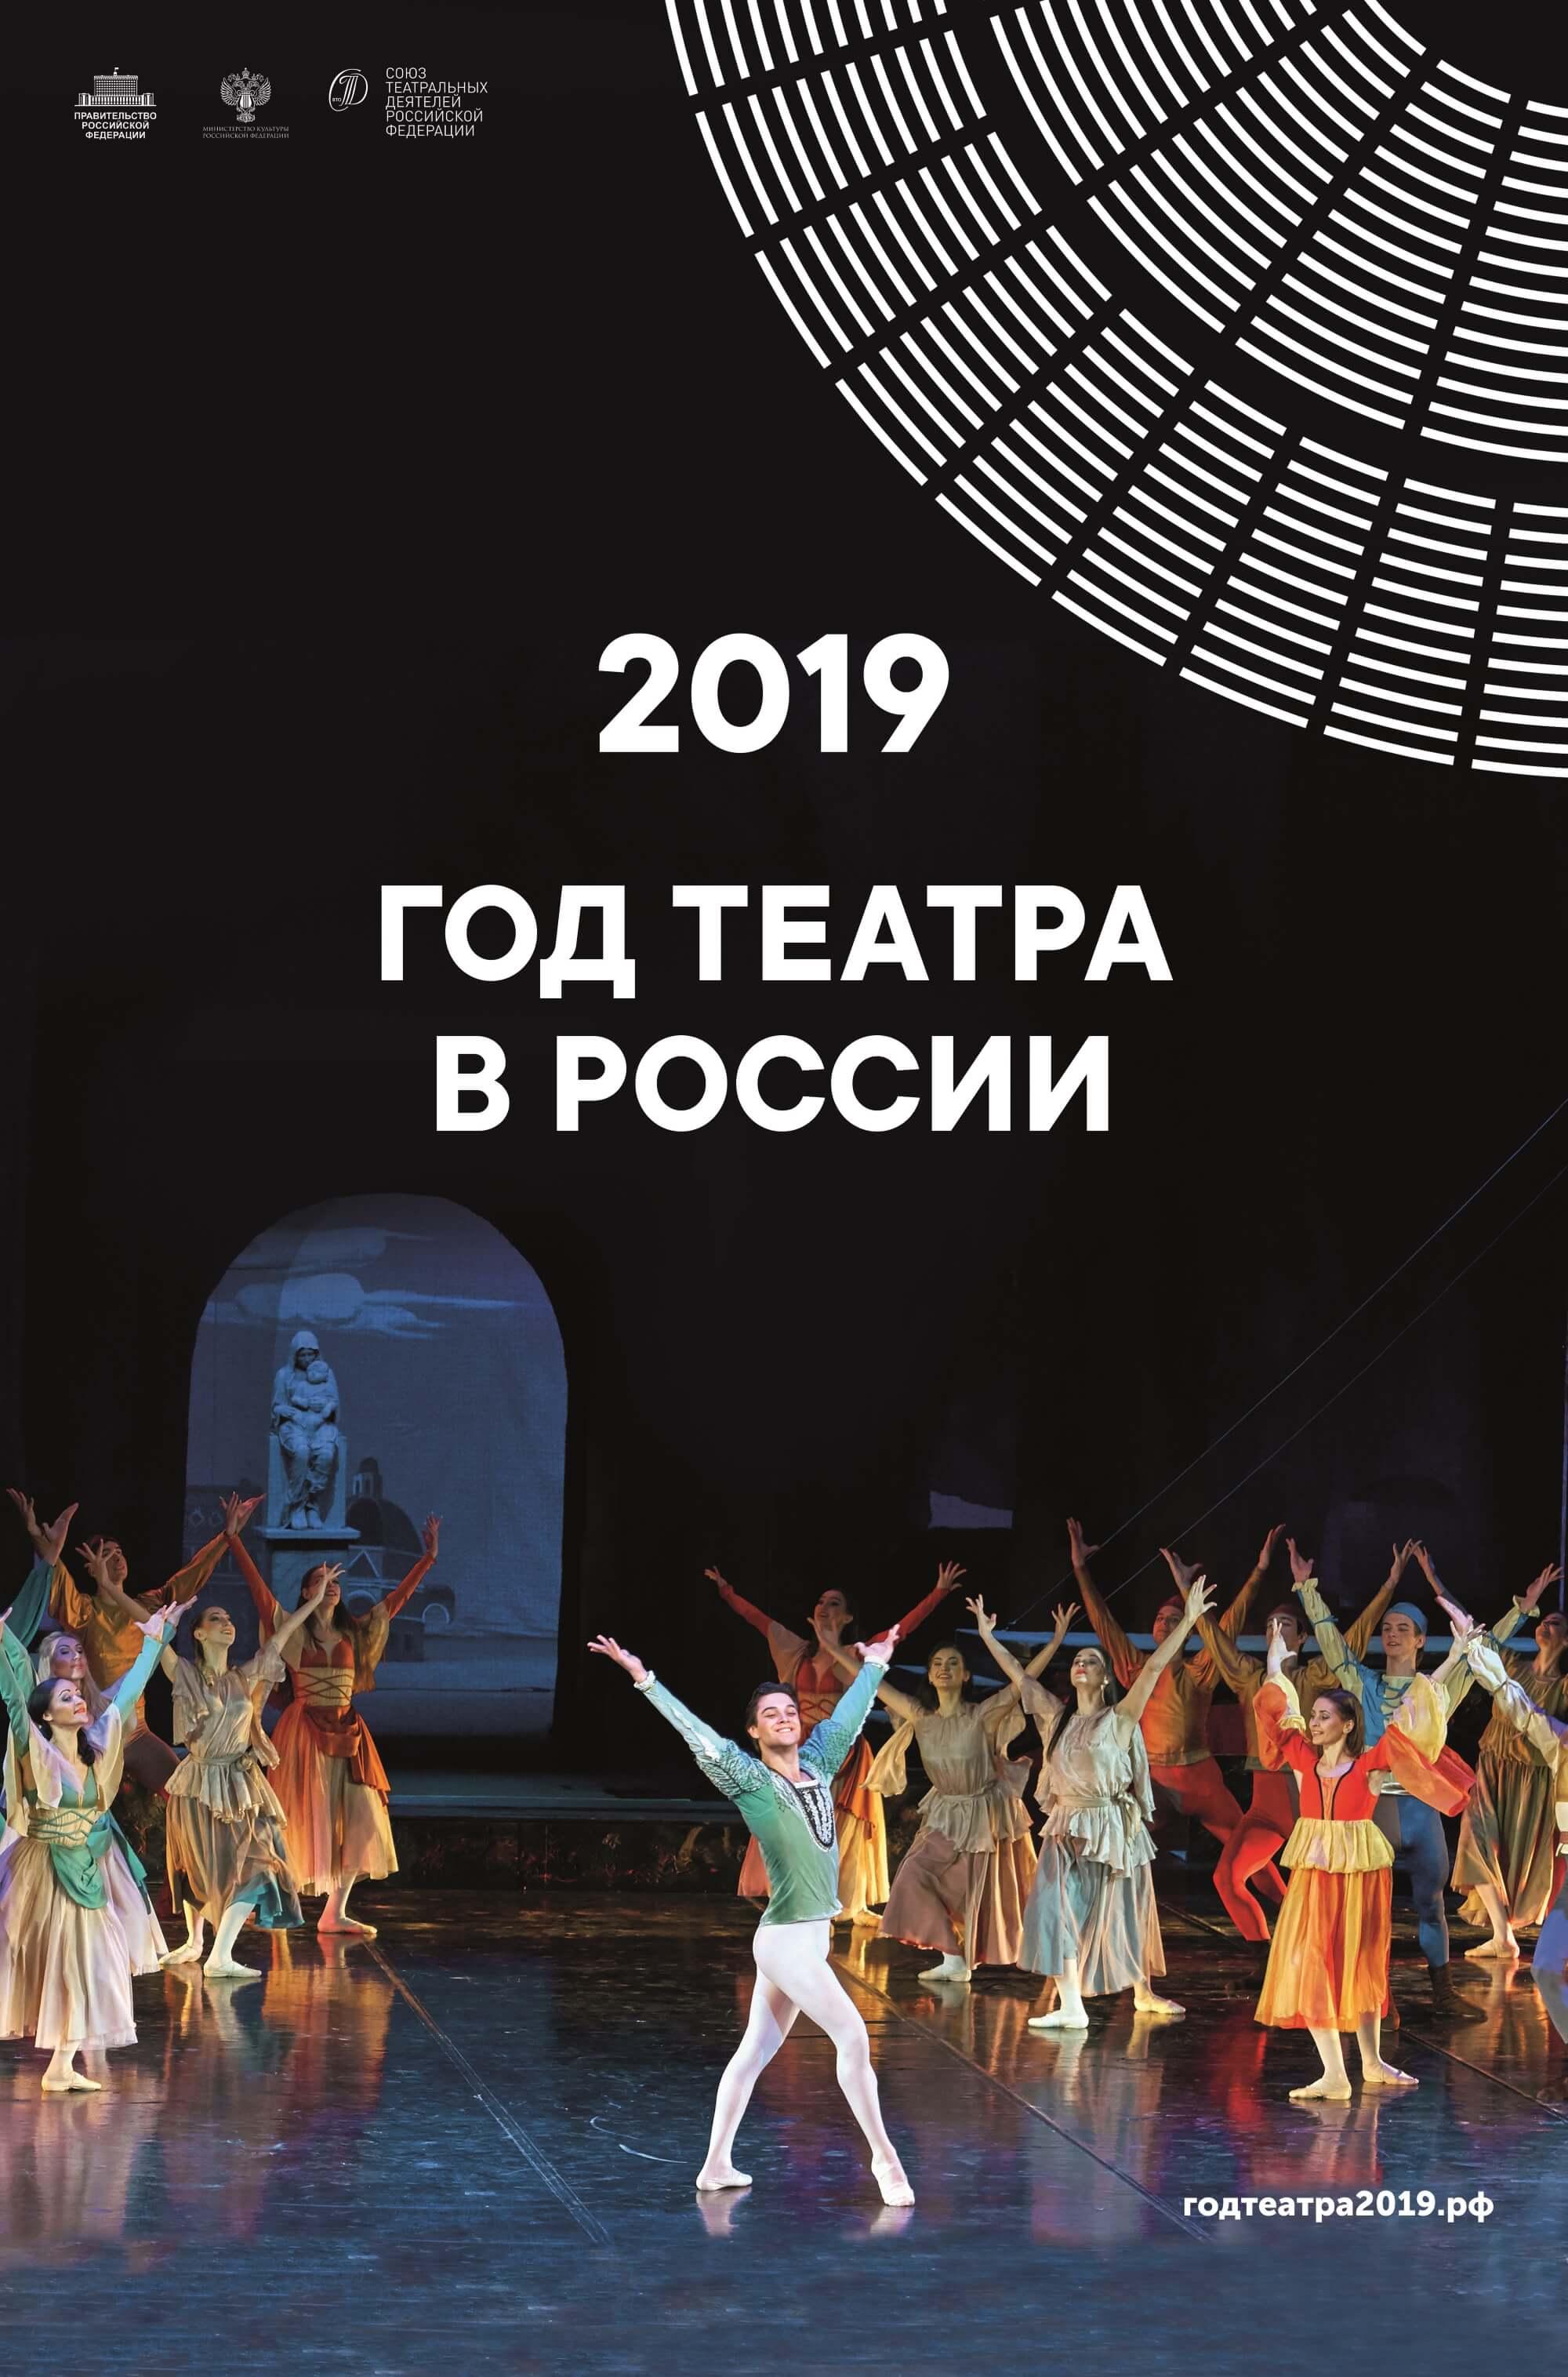 Поздравительная праздником, картинка год театра 2019